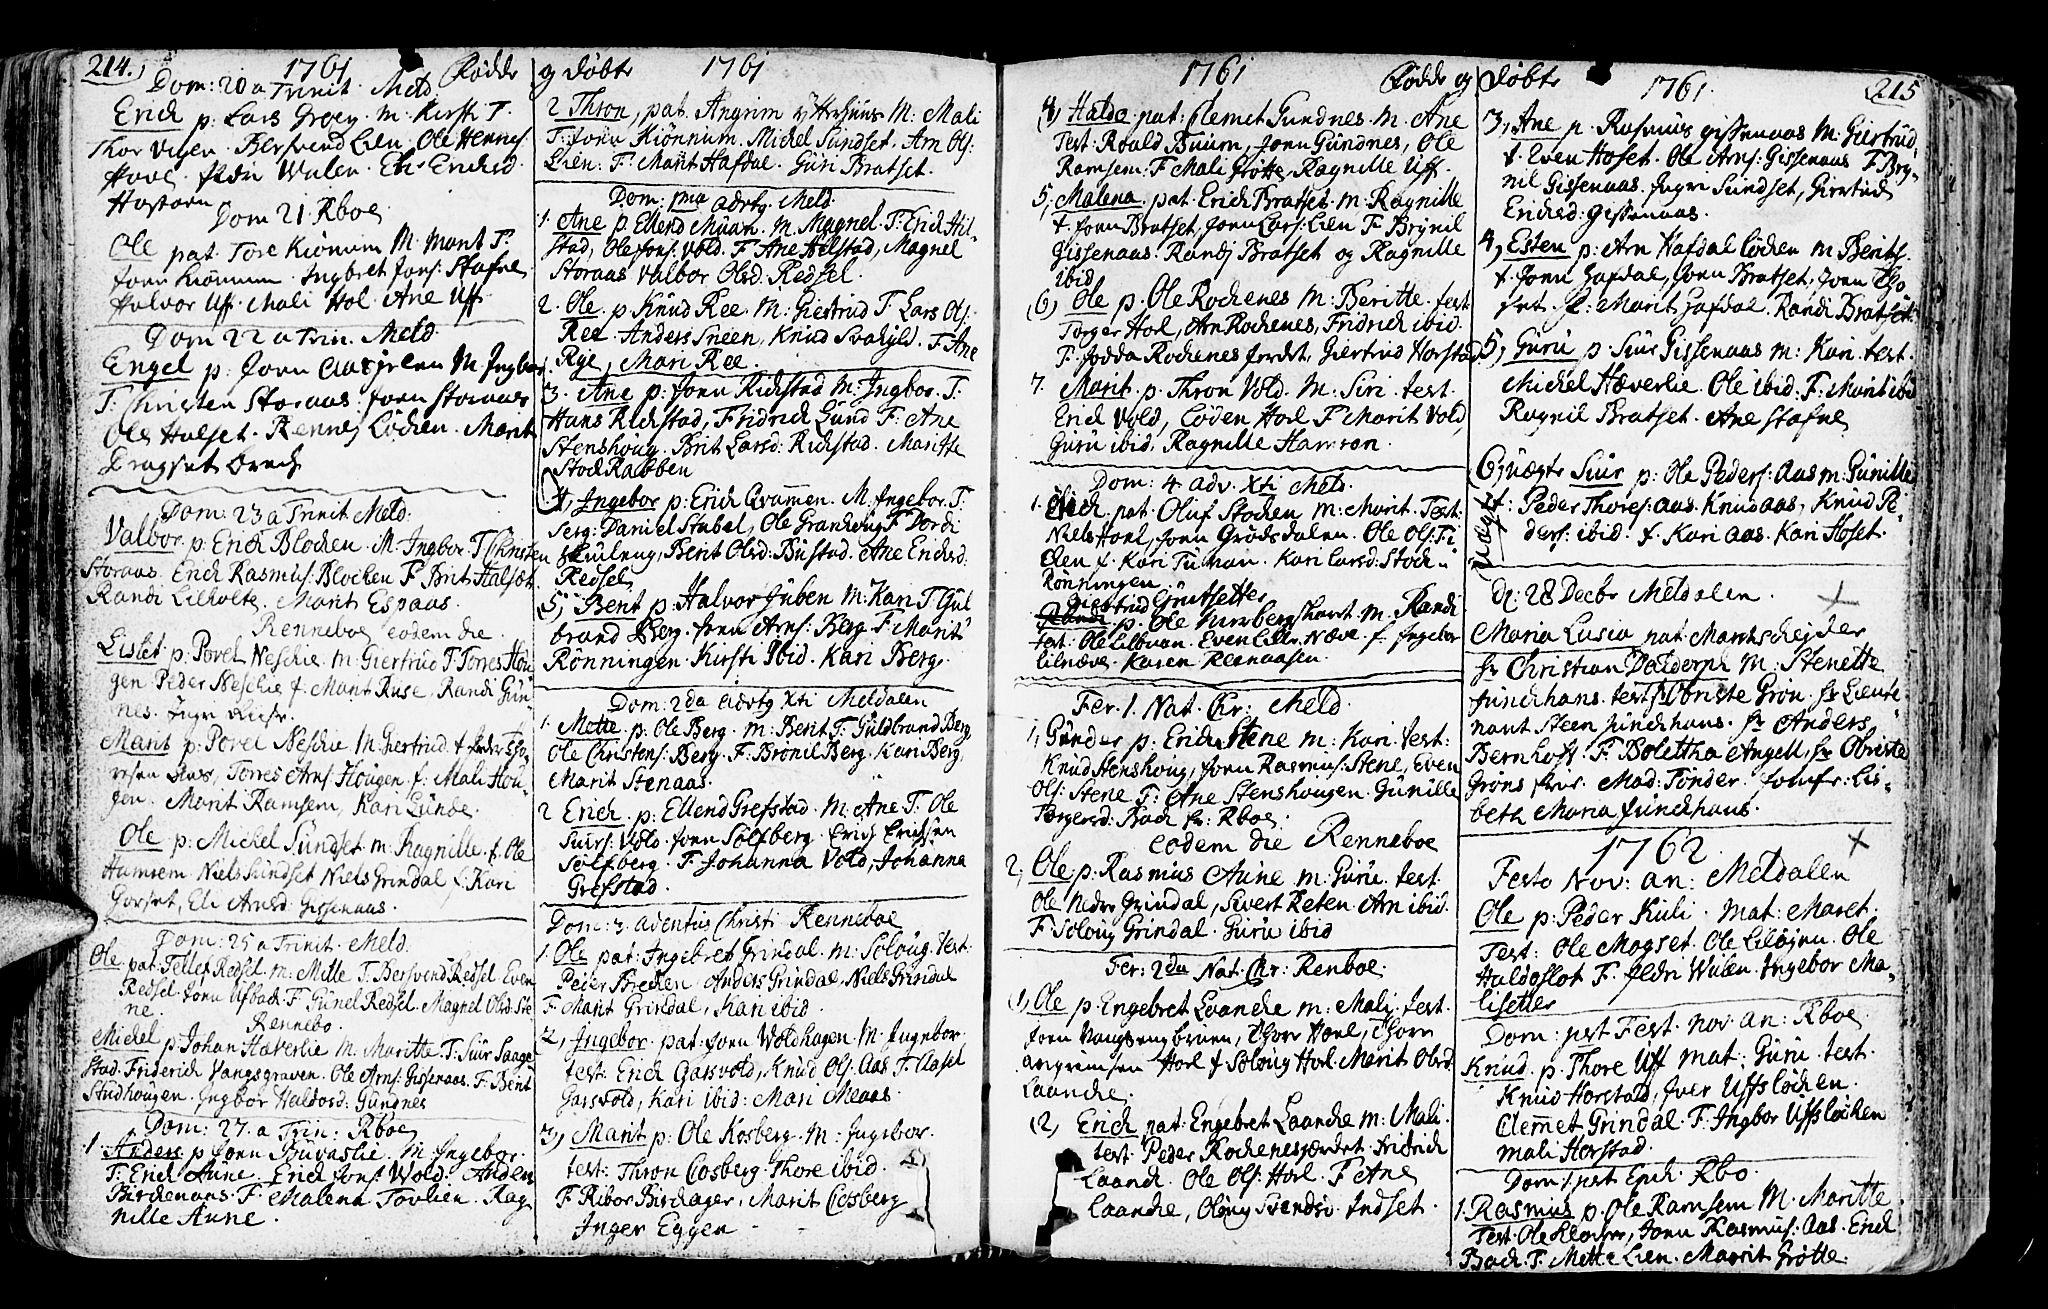 SAT, Ministerialprotokoller, klokkerbøker og fødselsregistre - Sør-Trøndelag, 672/L0851: Ministerialbok nr. 672A04, 1751-1775, s. 214-215